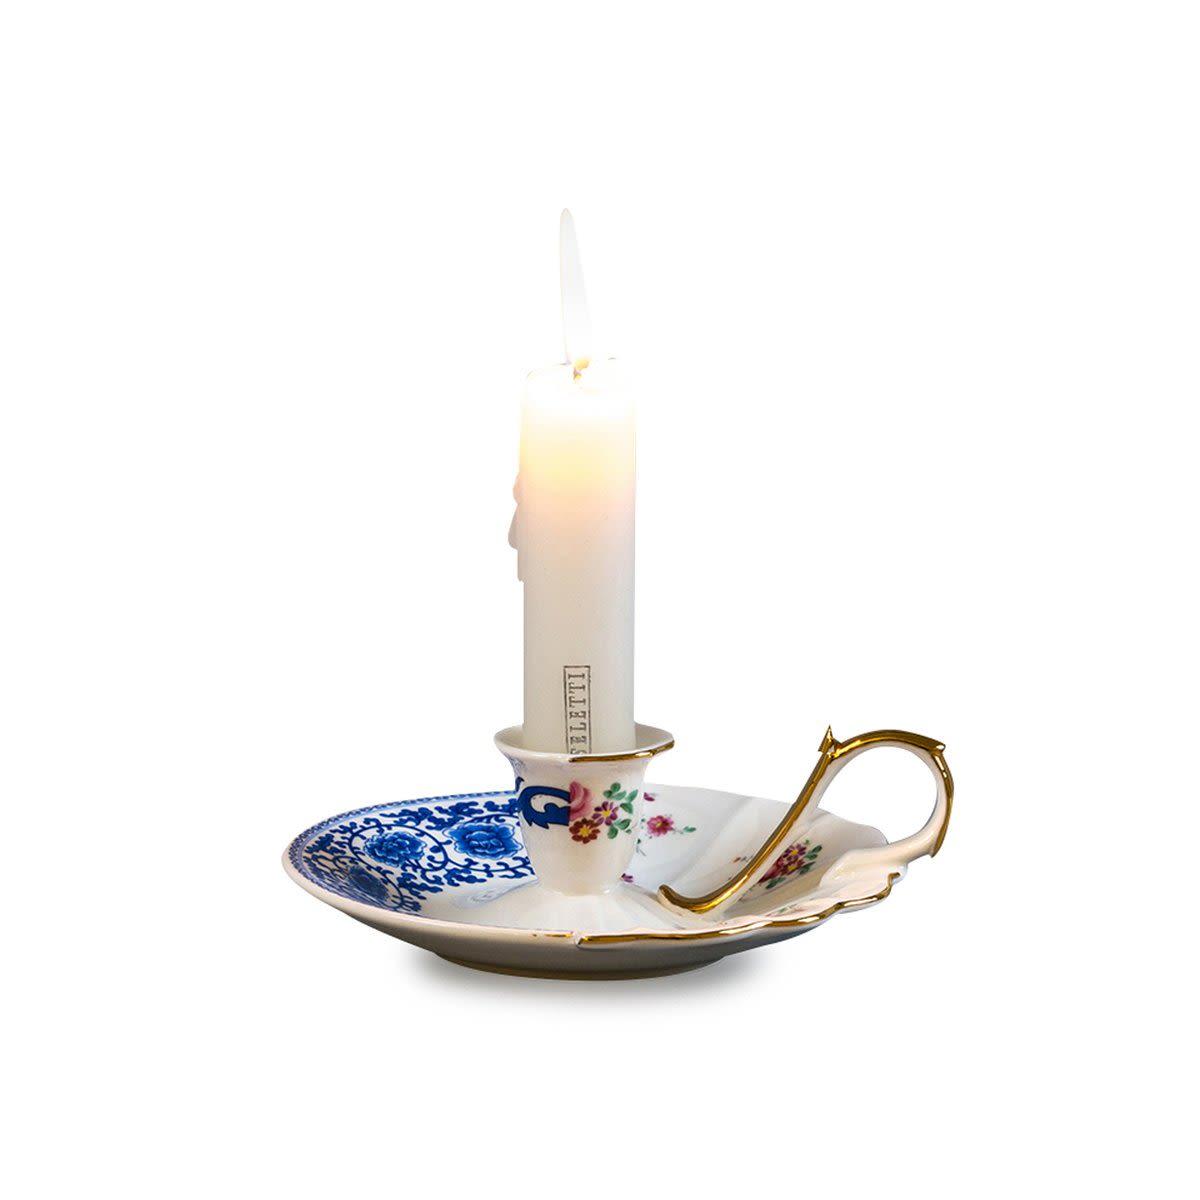 Stile romantico per il portacandele Hybrid-Laudomia di Seletti, realizzato in porcellana Bone China